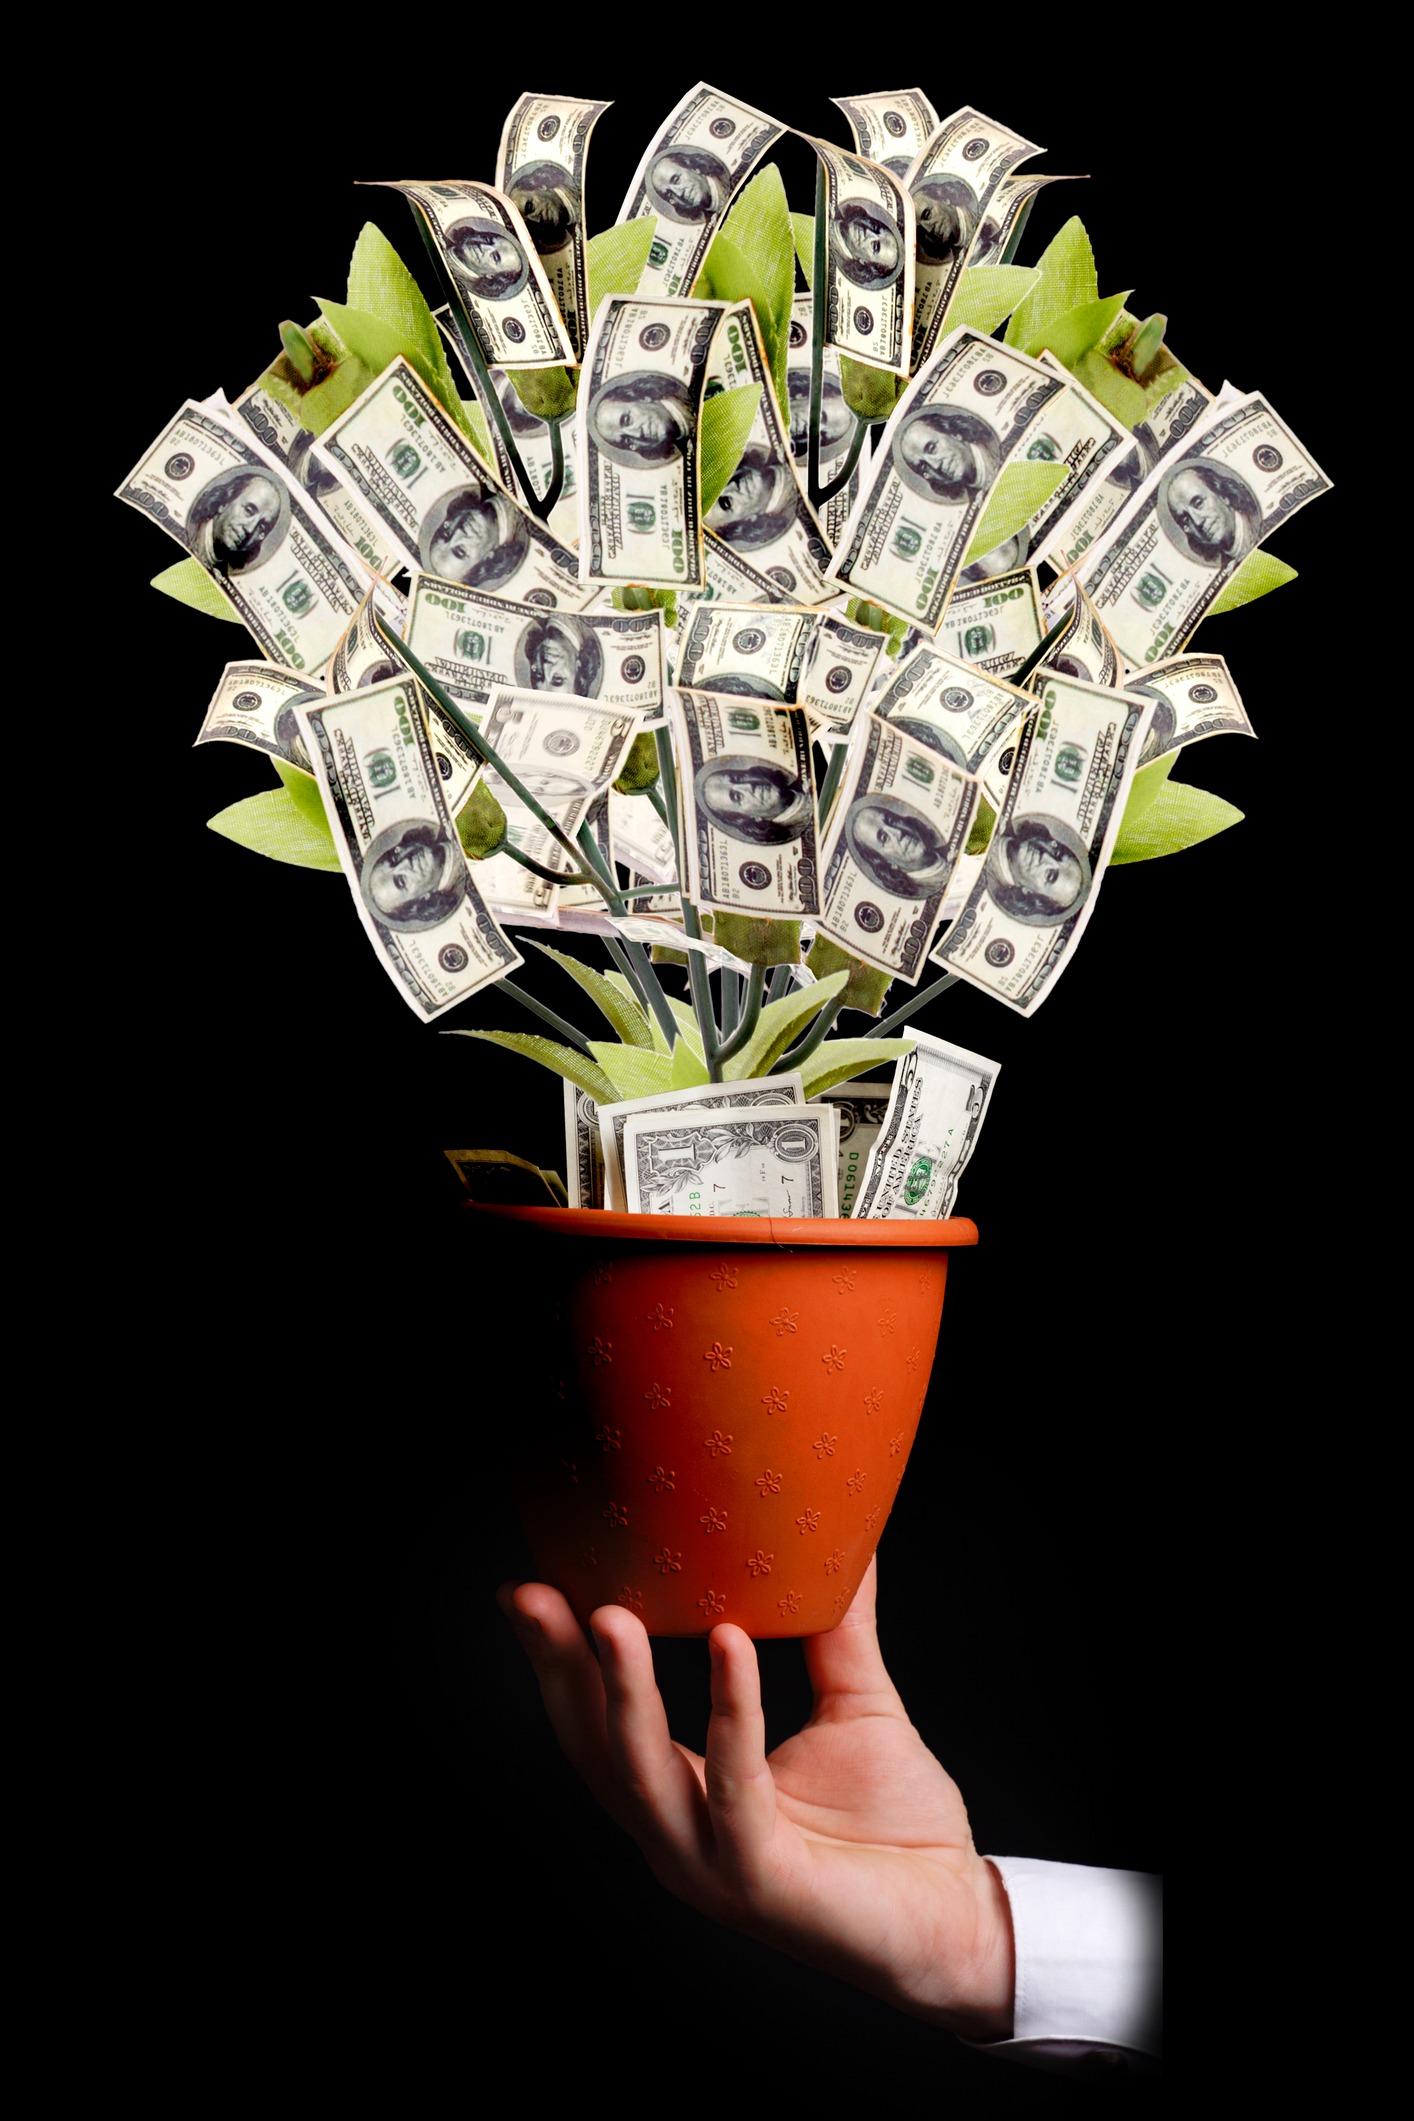 Как оформить подарок деньгами? Варианты оформления 60